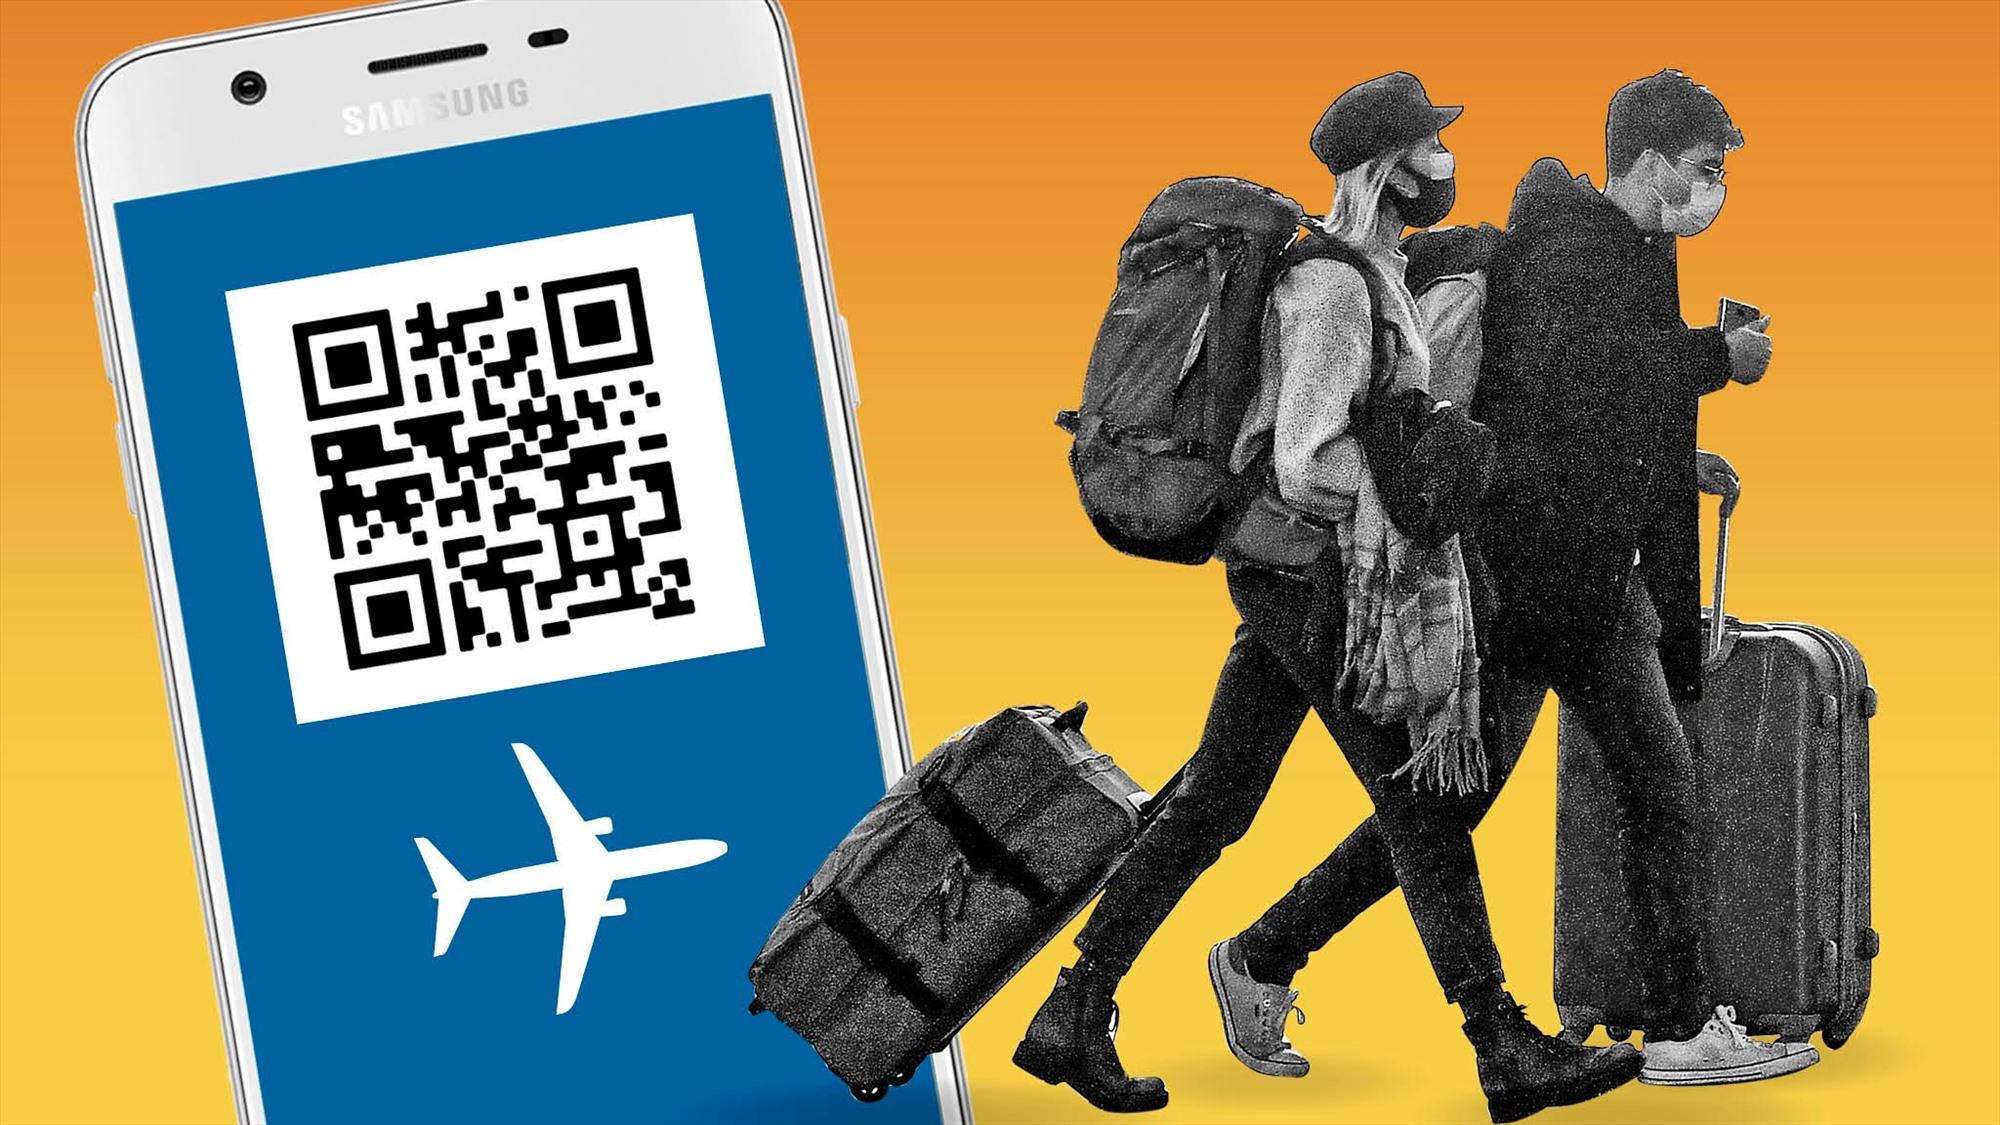 Thẻ xanh Covid-19 trở thành một yếu tố trong cuộc đua mở cửa biên giới, đón khách du lịch quốc tế của nhiều quốc gia. Ảnh: Gettyimage